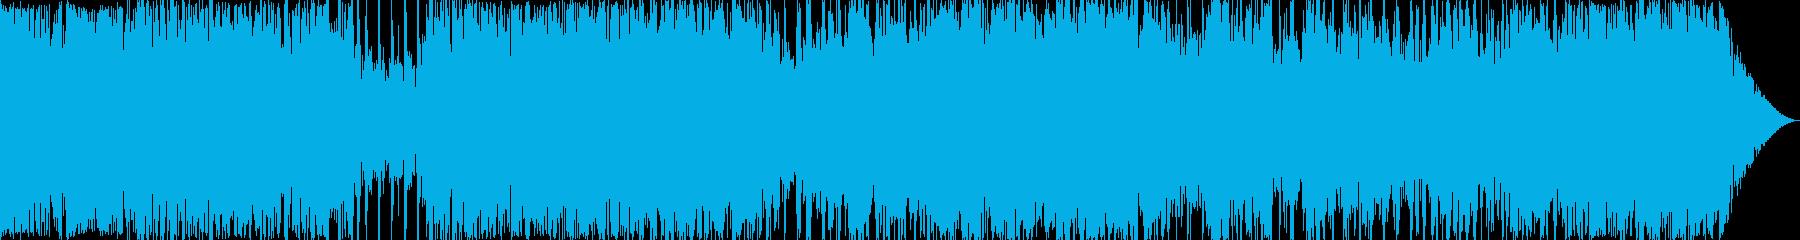 びろうど06の再生済みの波形